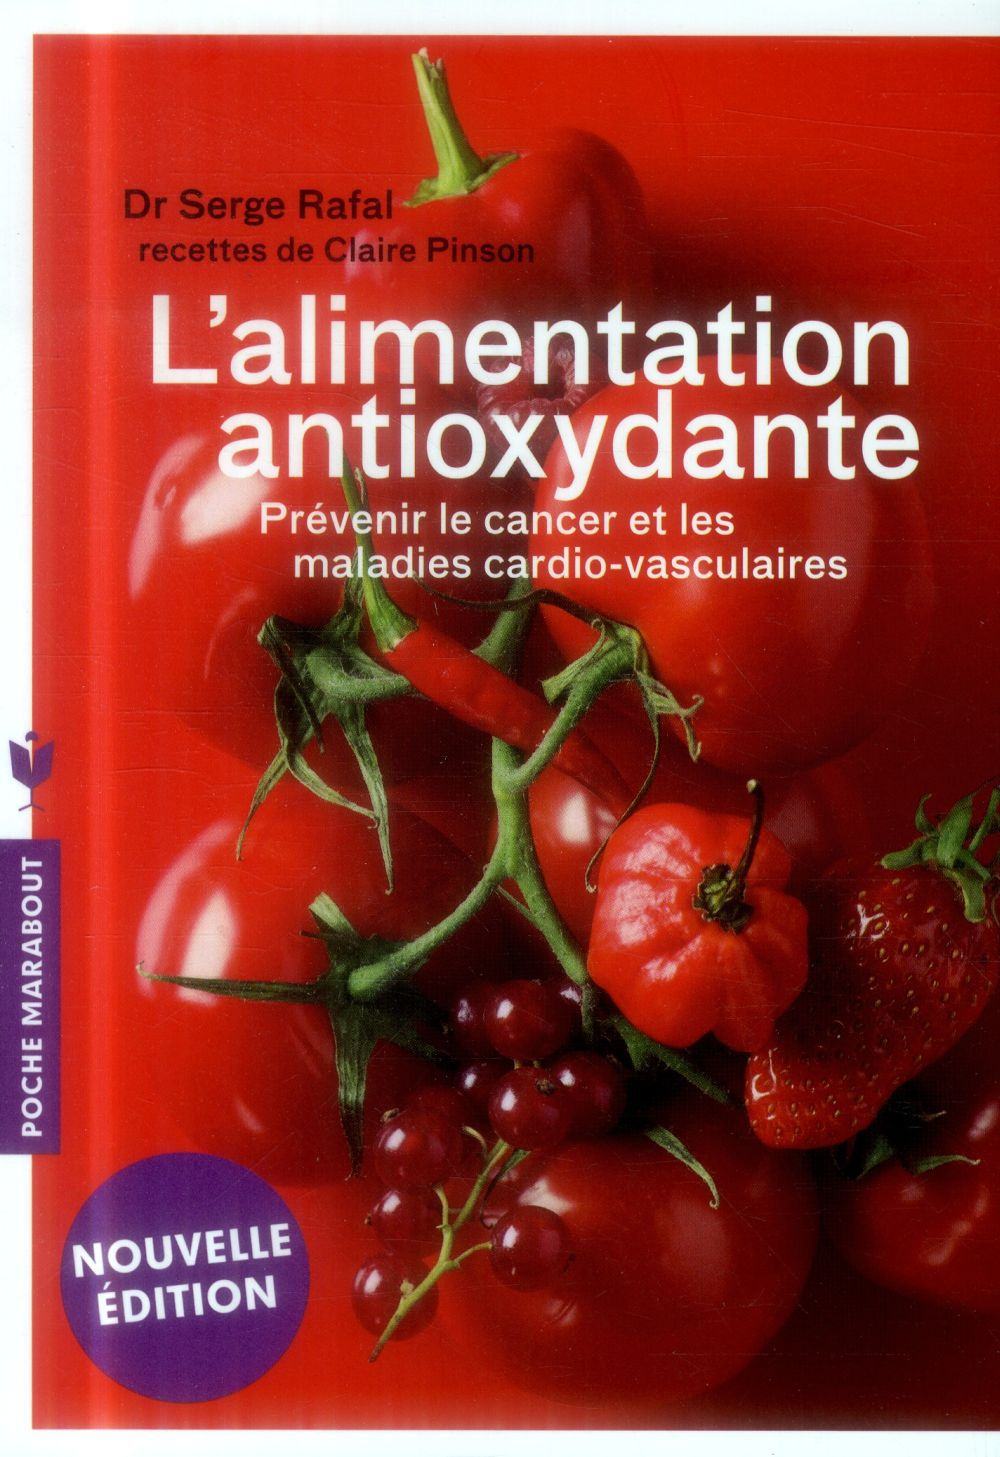 L'alimentation antioxydante ; prévenir le cancer et les maladies cardio-vasculaires